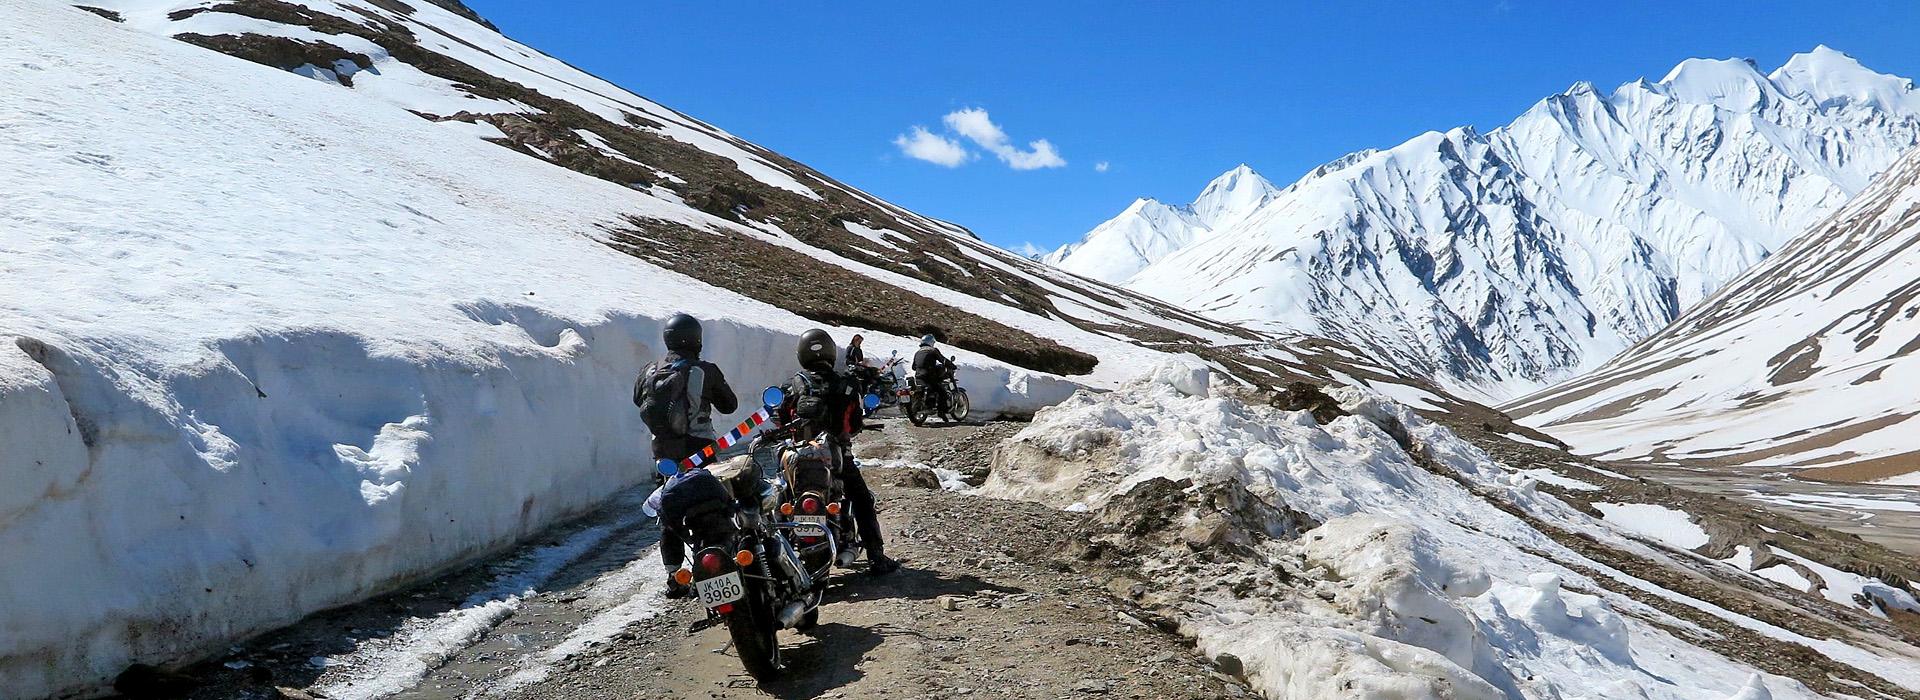 Drie verschillendeHimalaya motorreizen in India, Nepal, Zanskar, Ladakh en Upper-Mustang elk met zijn eigen karakter